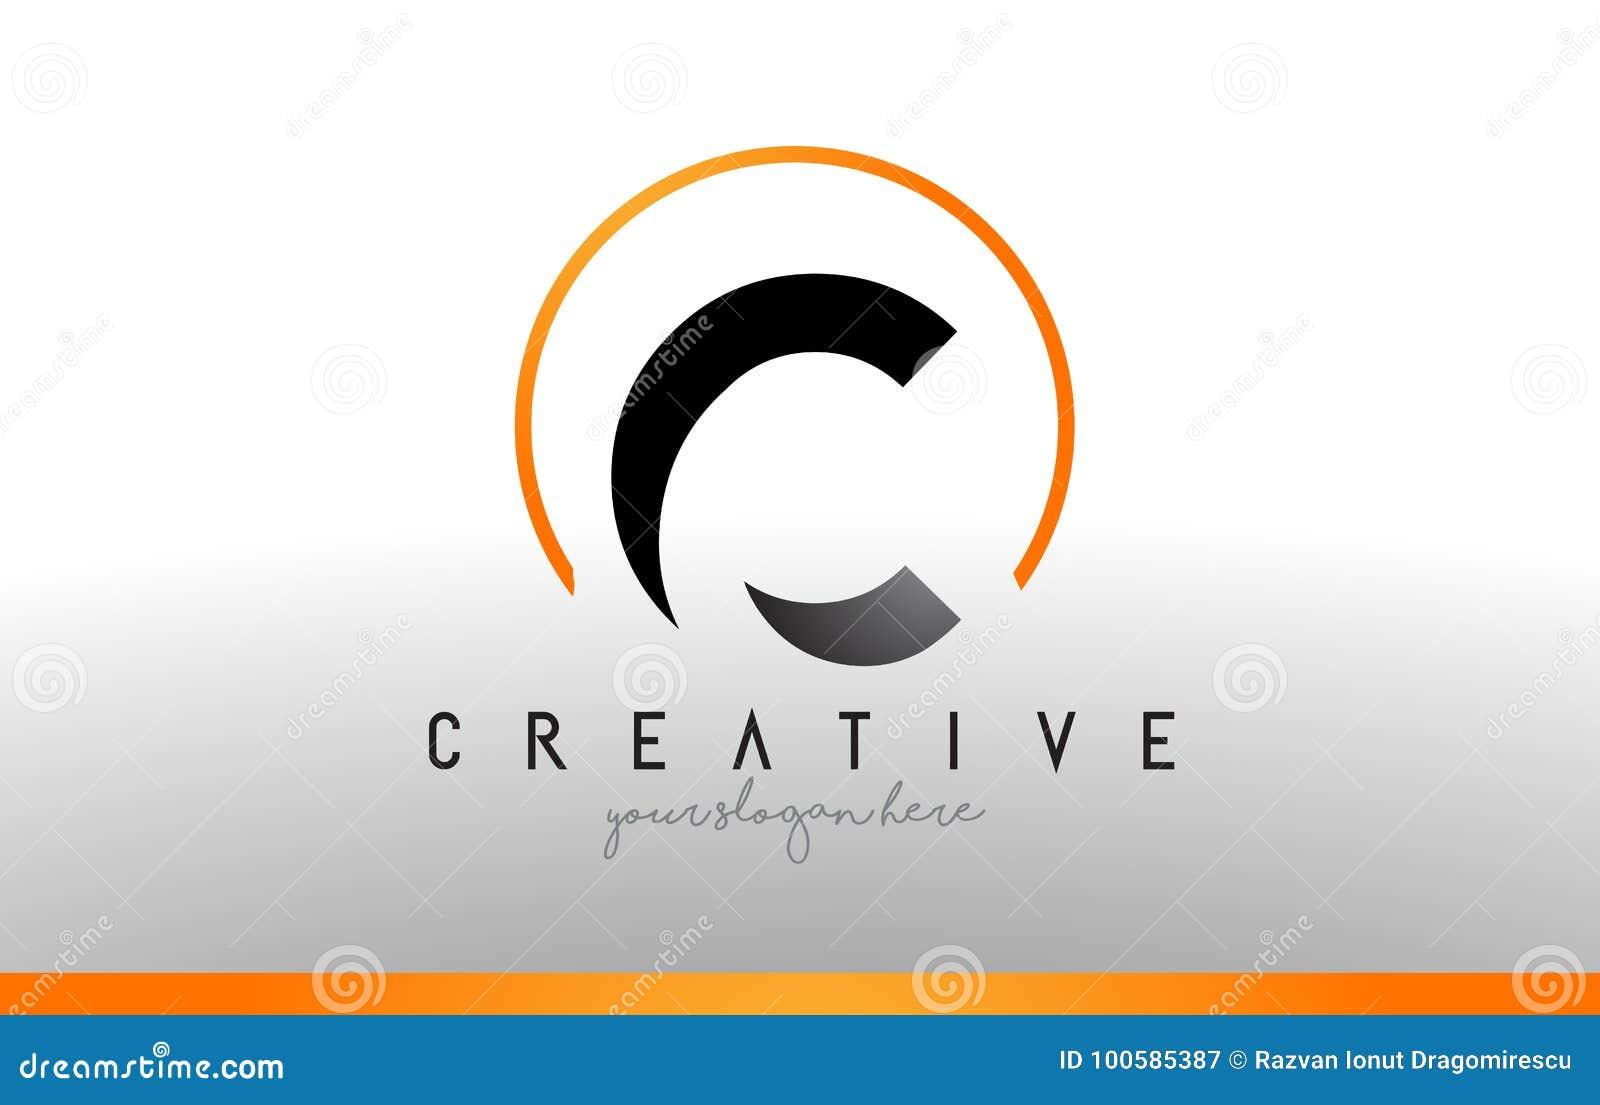 Cool Letter I Logo.C Letter Logo Design With Black Orange Color Cool Modern